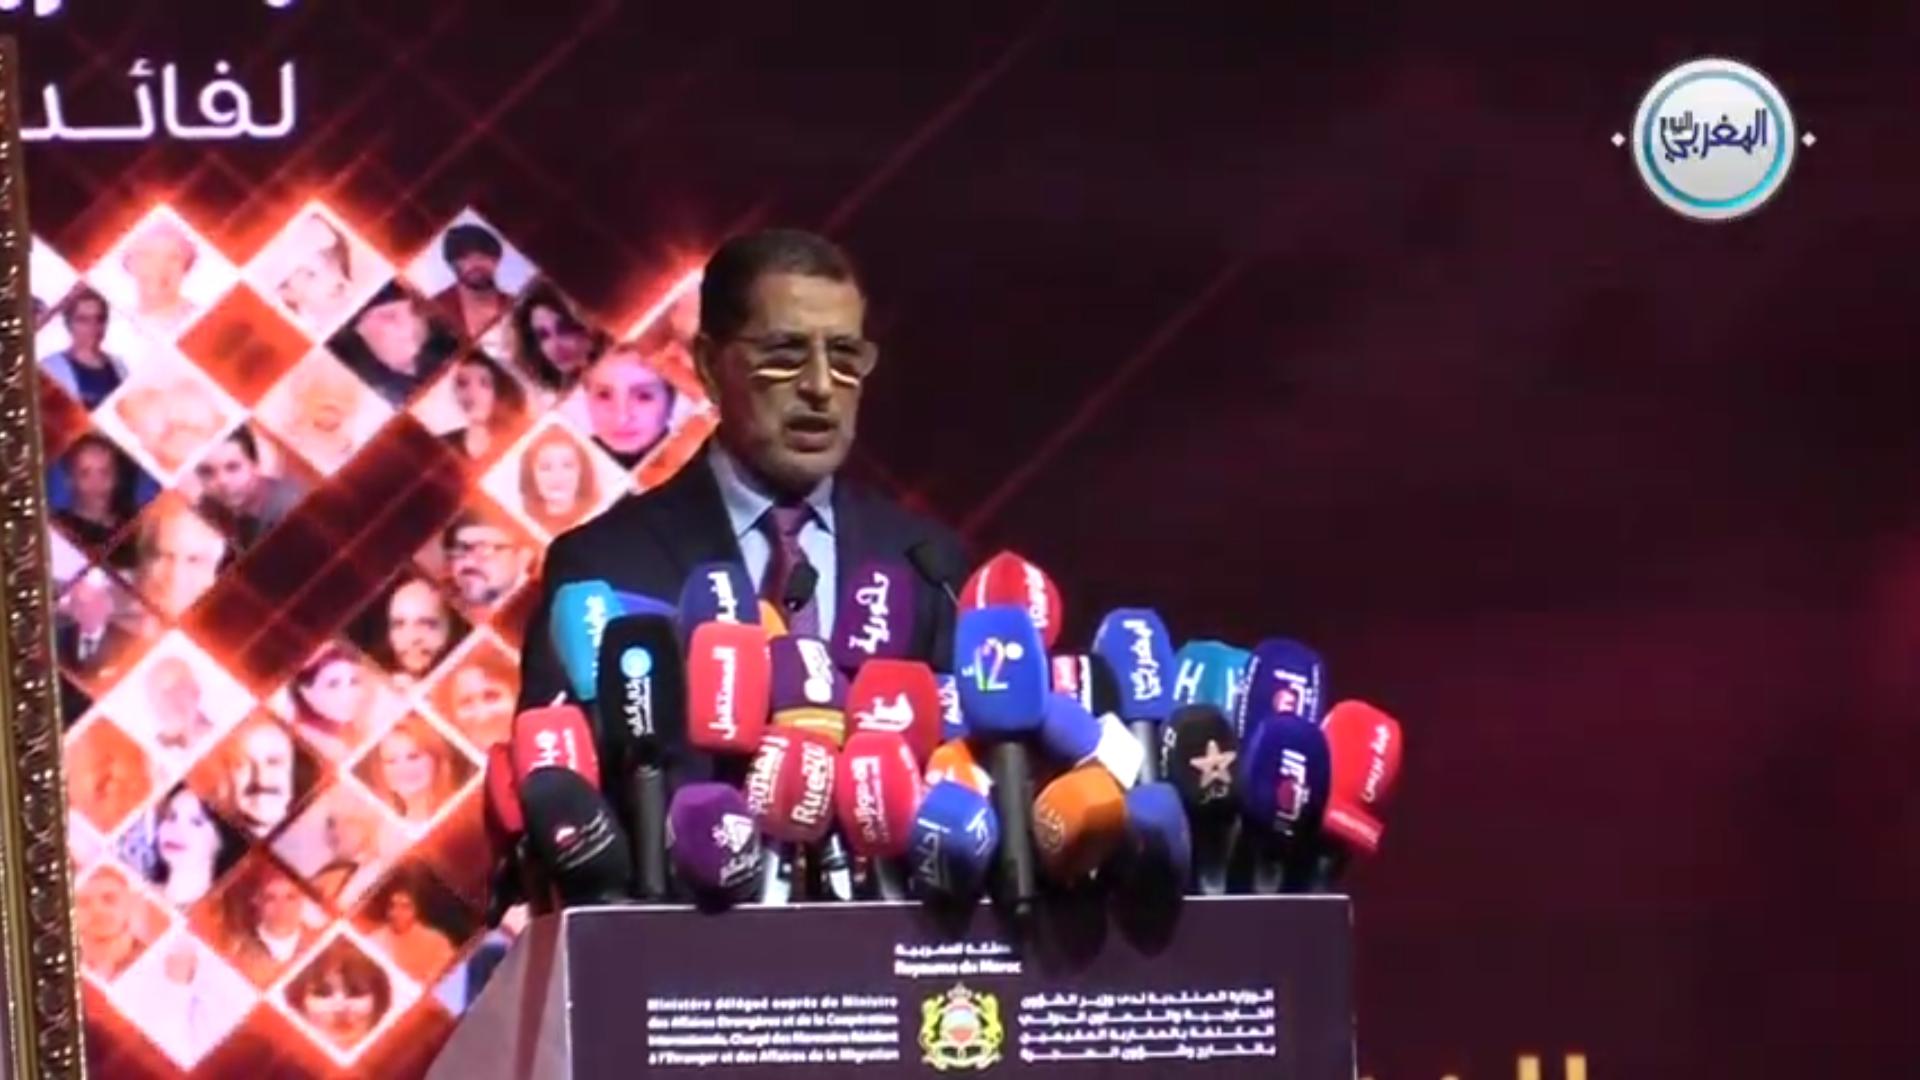 العثماني مخاطبا الوزير بنعتيق في حضرة الفنانين المغاربة أنتم تقومون بعمل وطني كبير  + فيديو